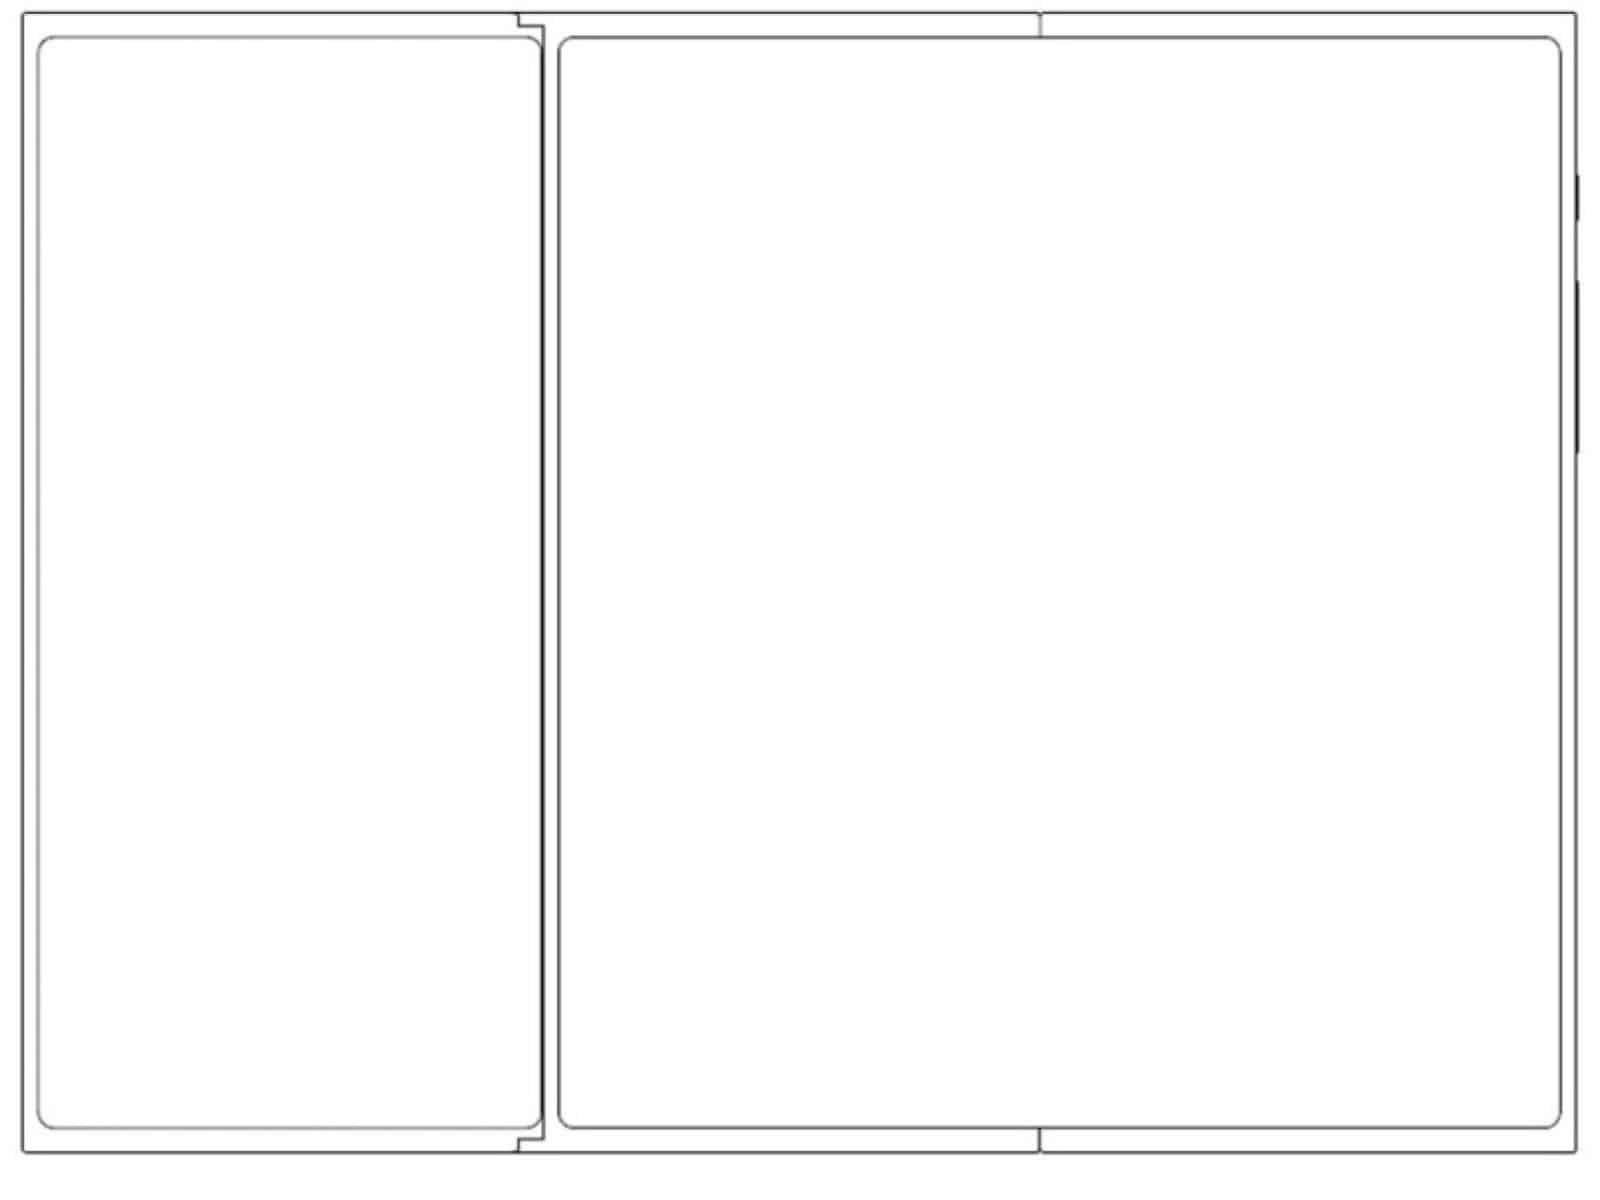 03 LG Design patent 201930089299.6